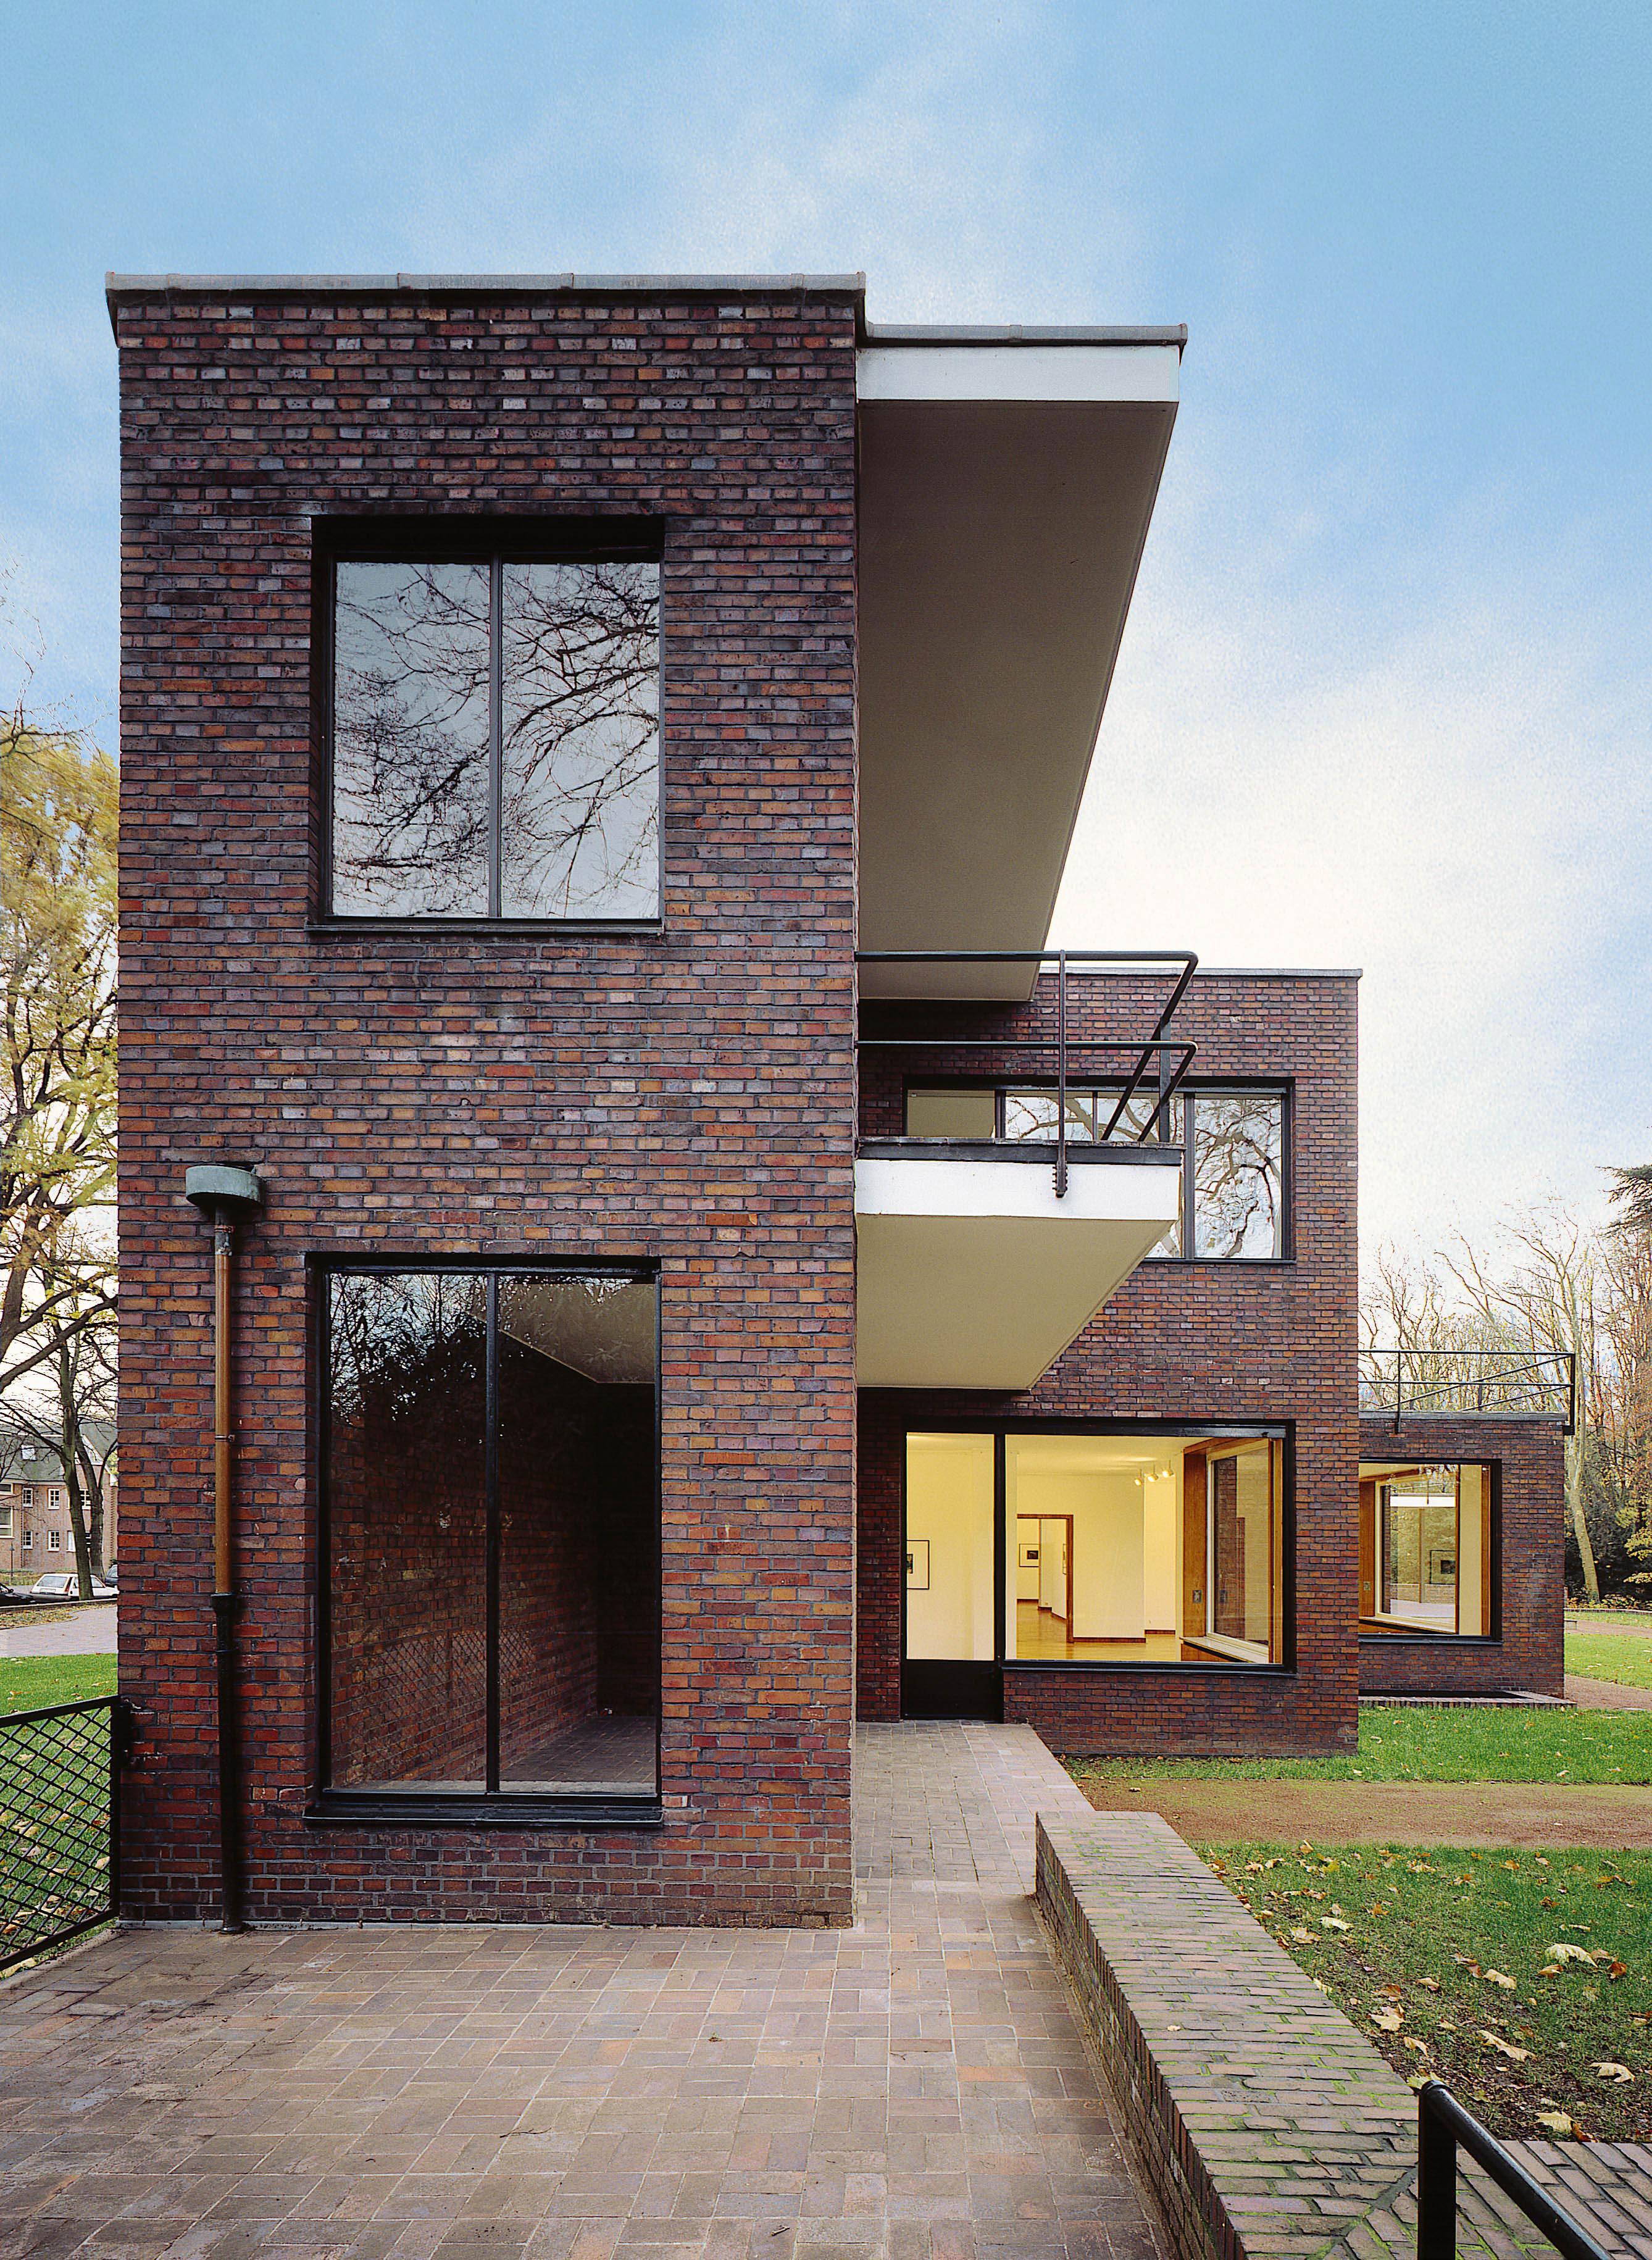 Architekten Krefeld vaa on tour mehr mies in krefeld vaa vereinigung